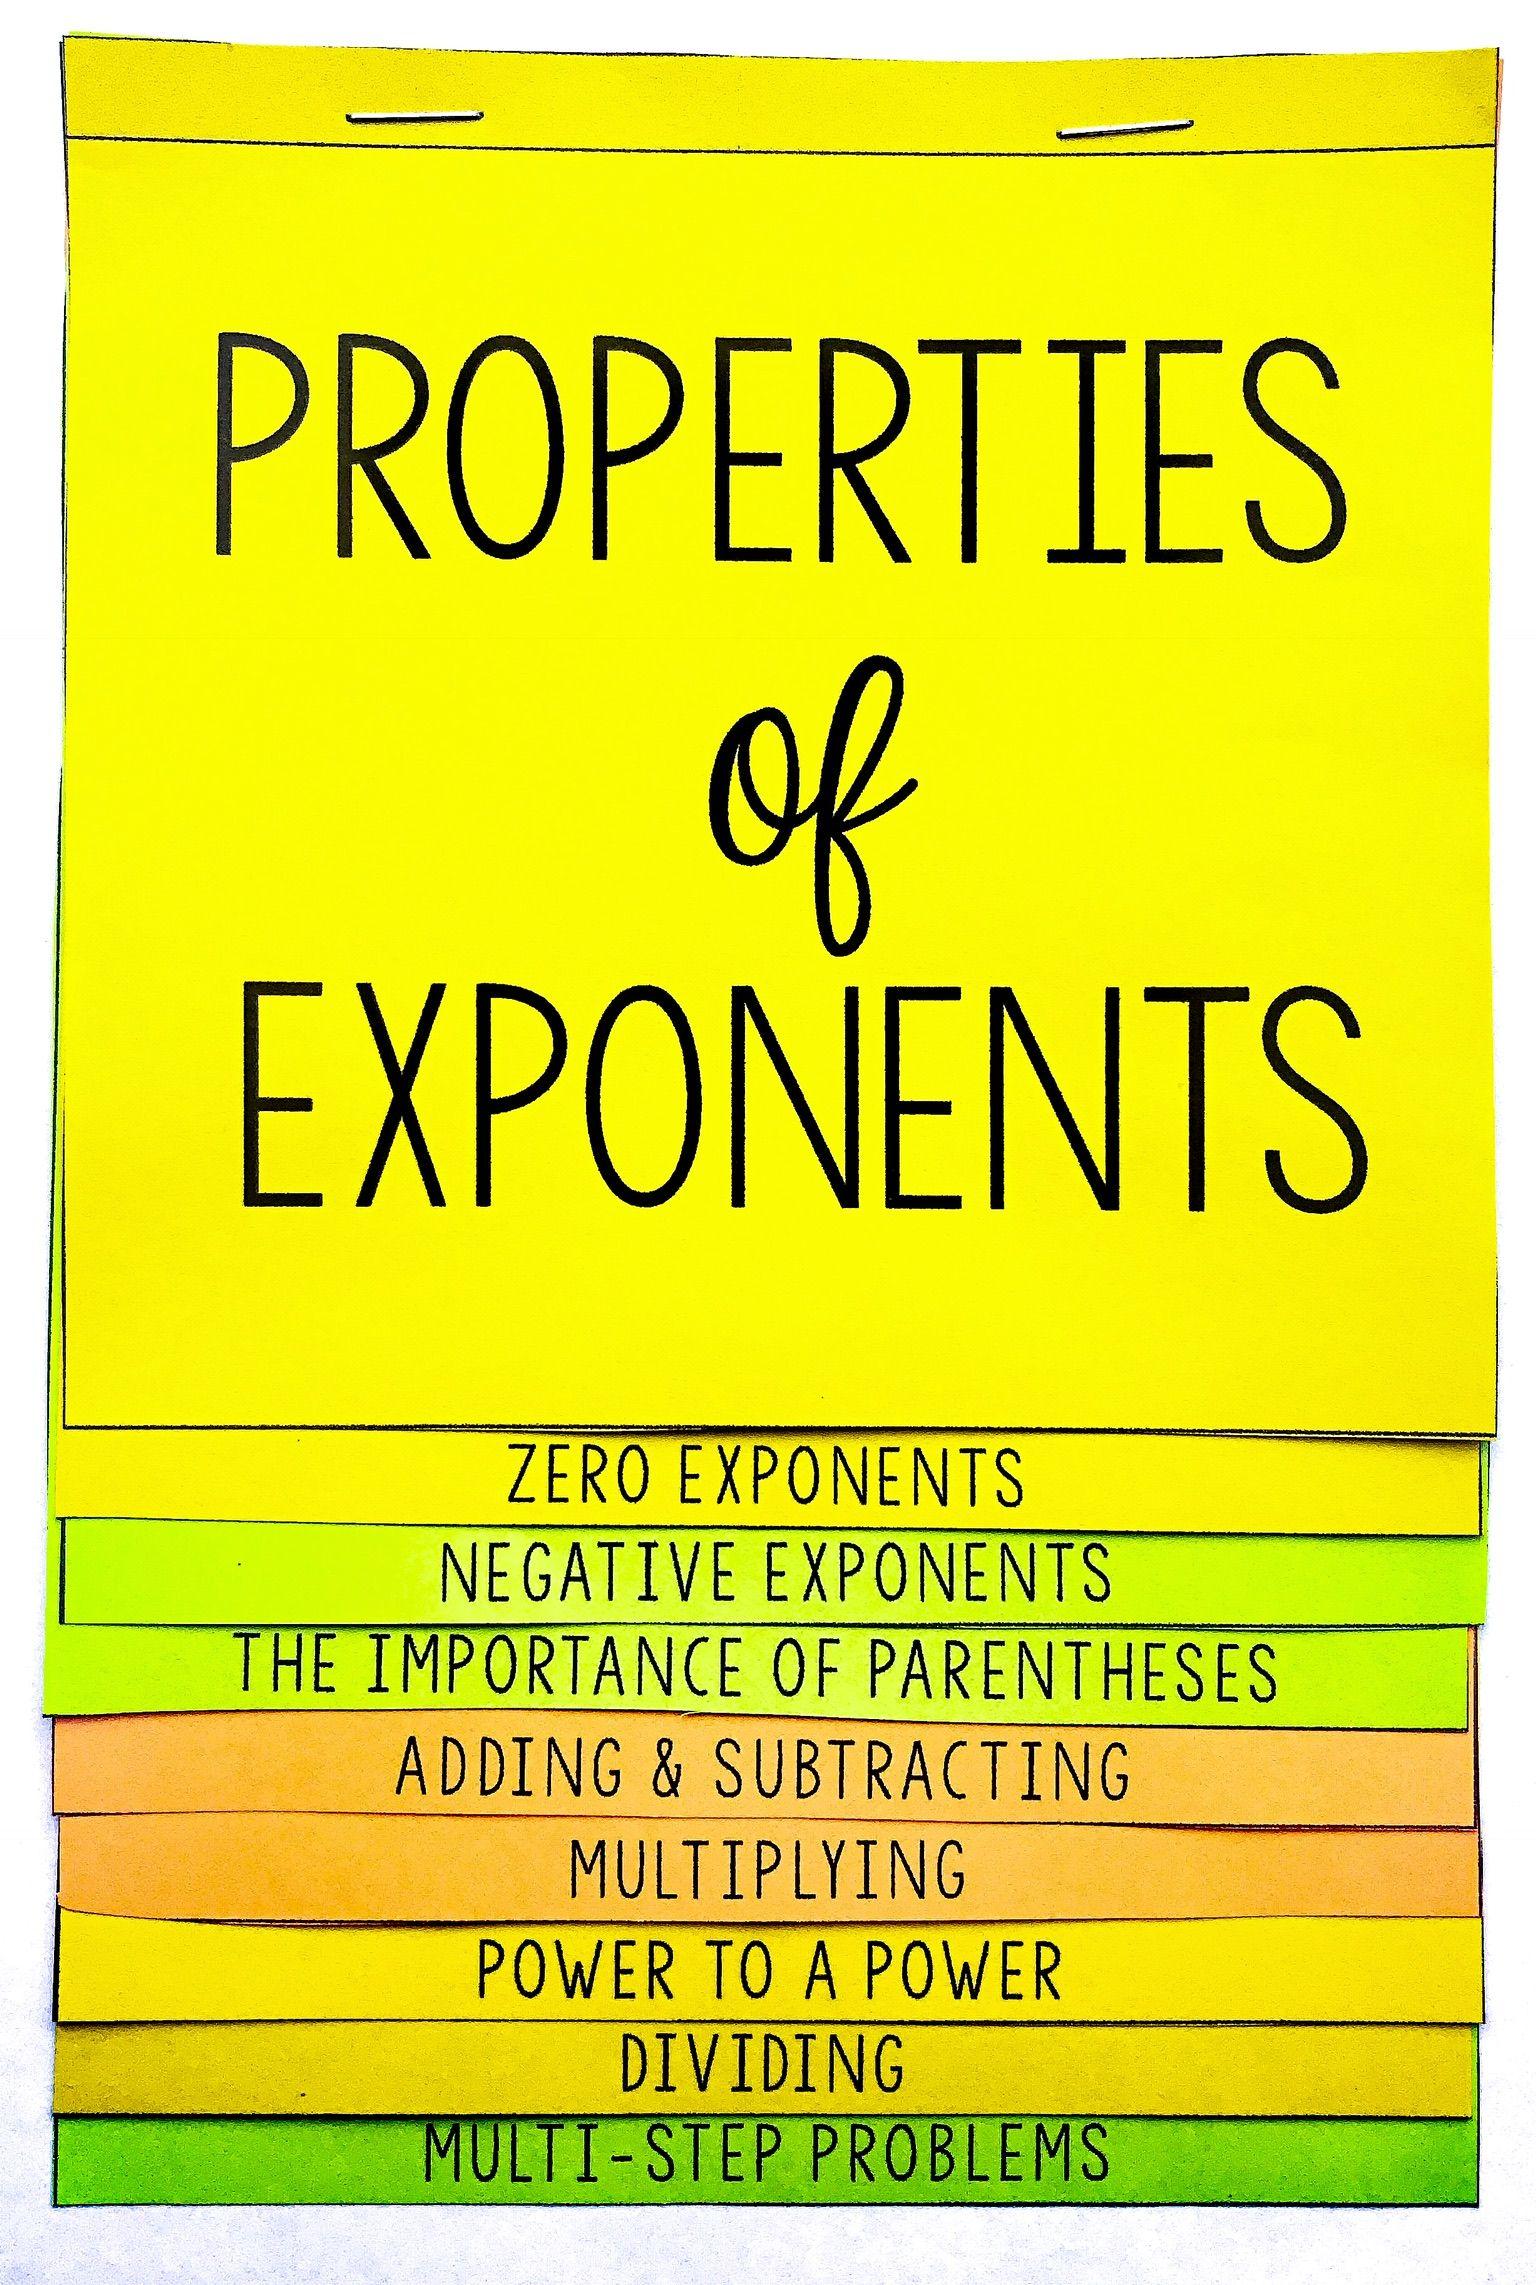 Properties Of Exponents Flip Book